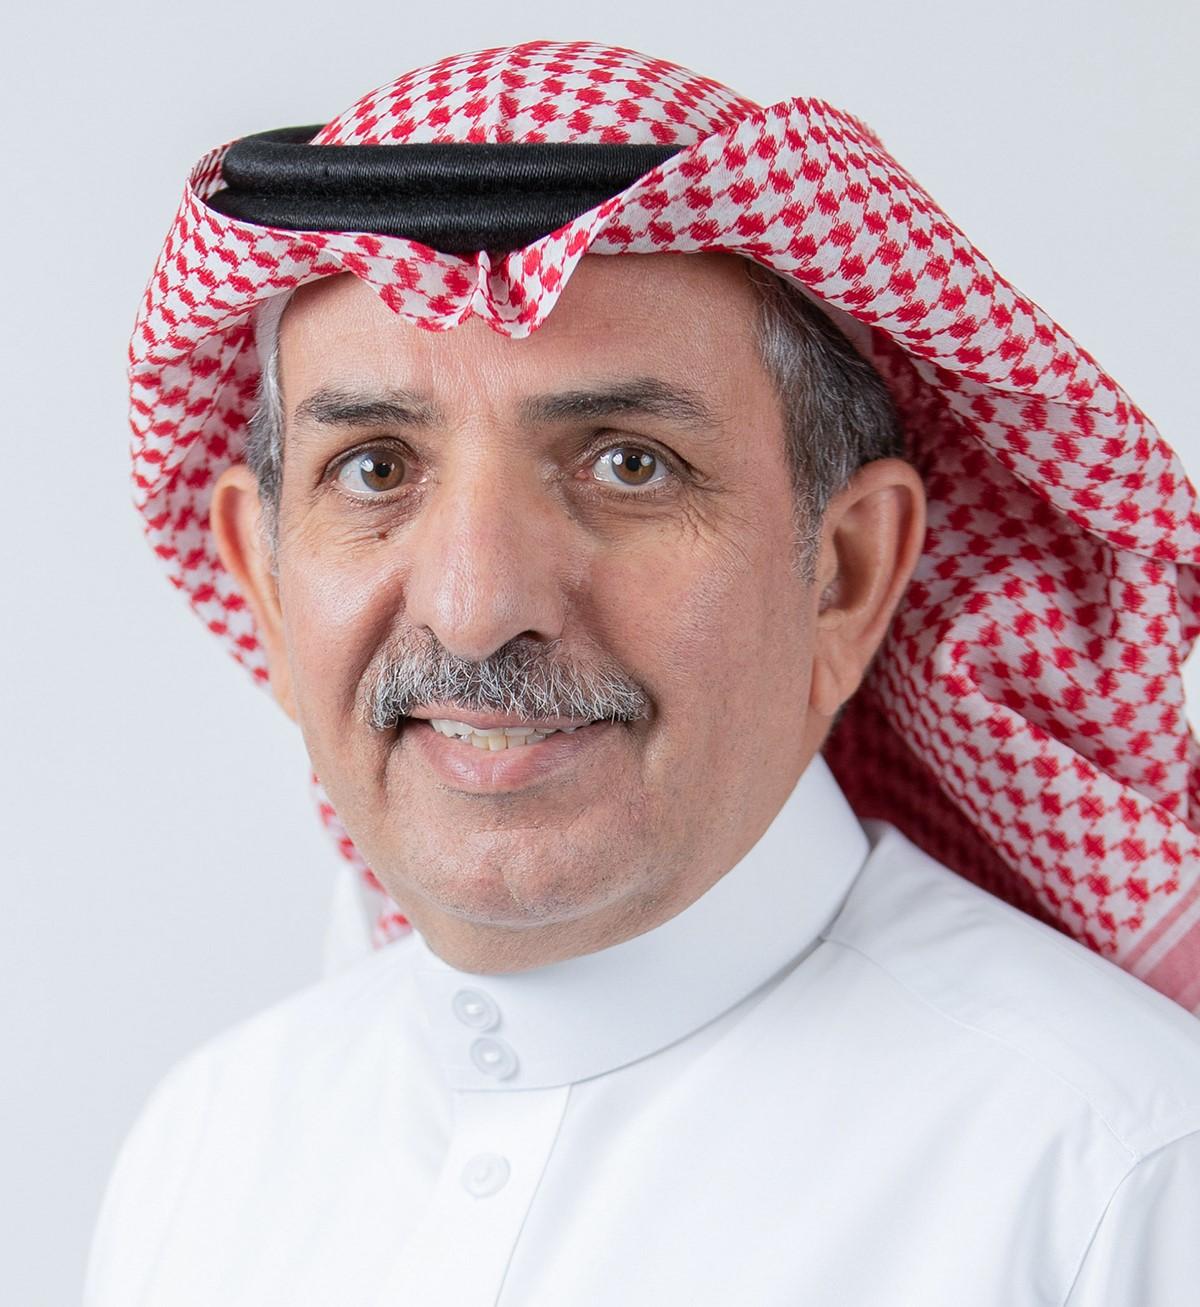 Al-Harbi